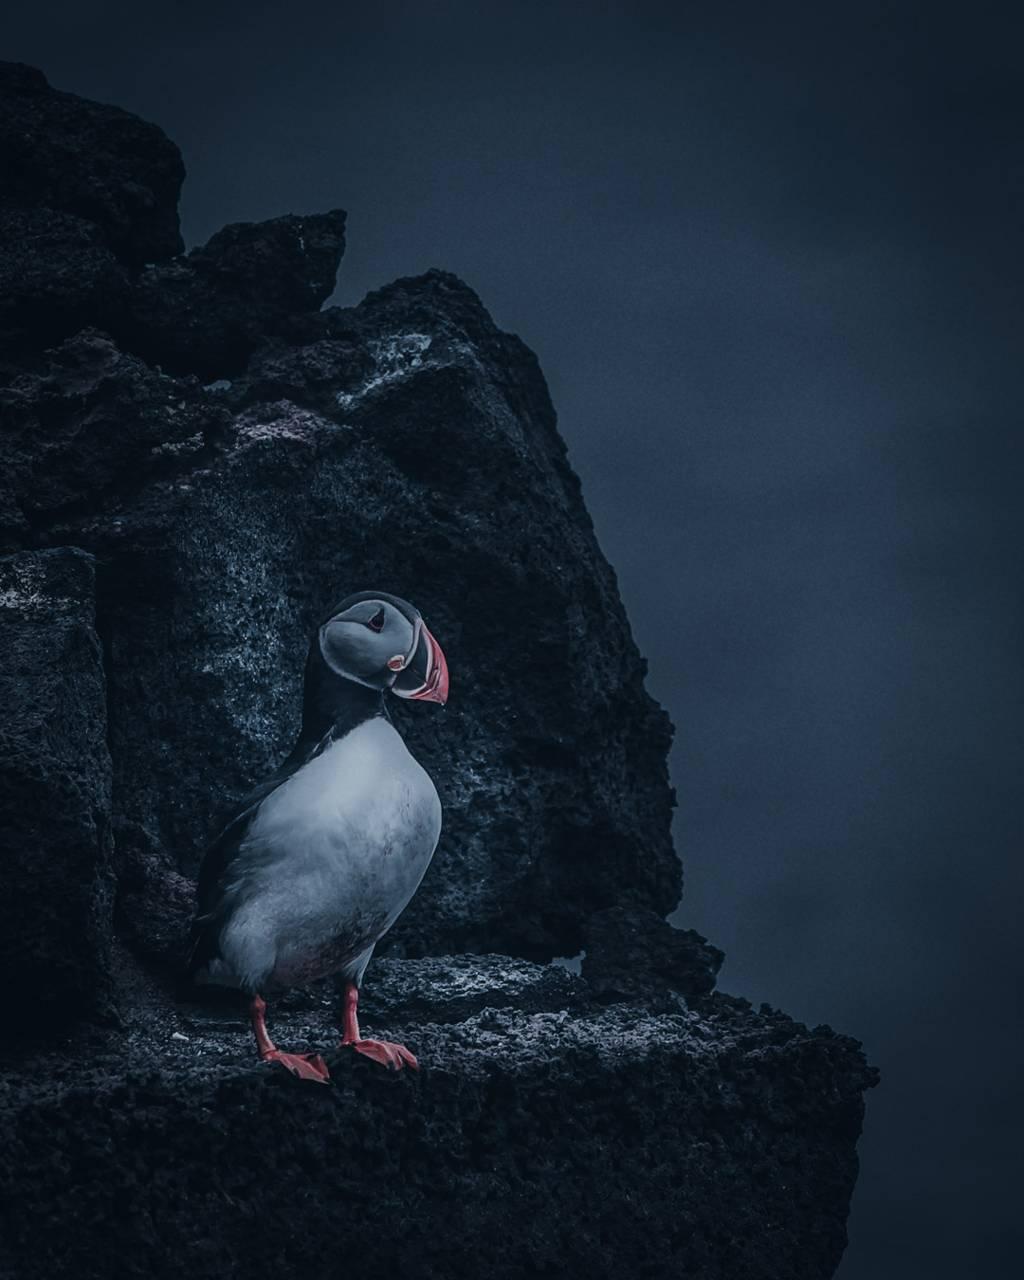 DarkLxkkgram 2 Bird